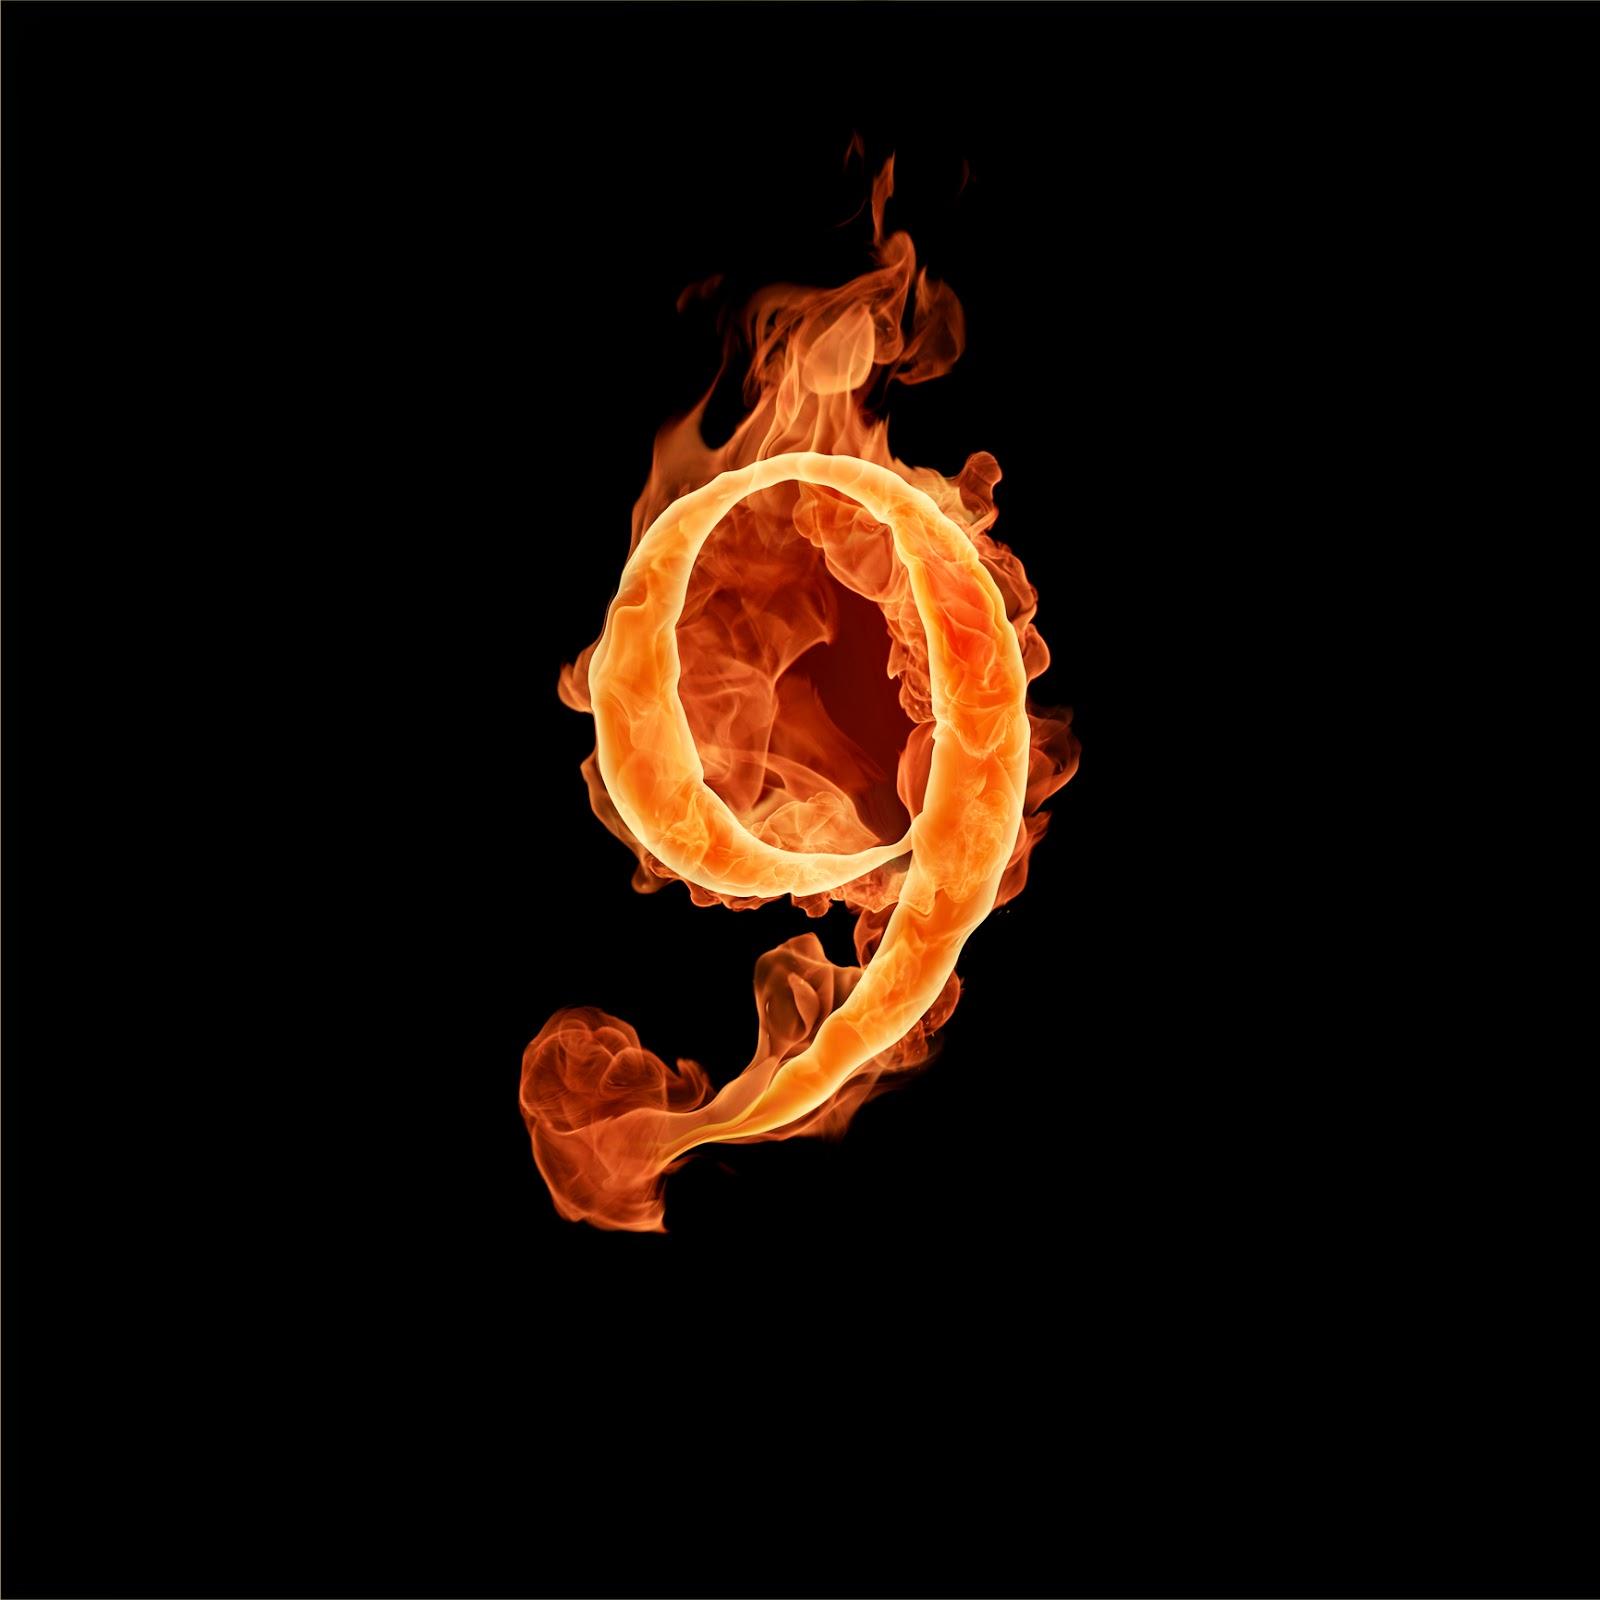 Free Burning Fire Letter Alphabet - Naviwall